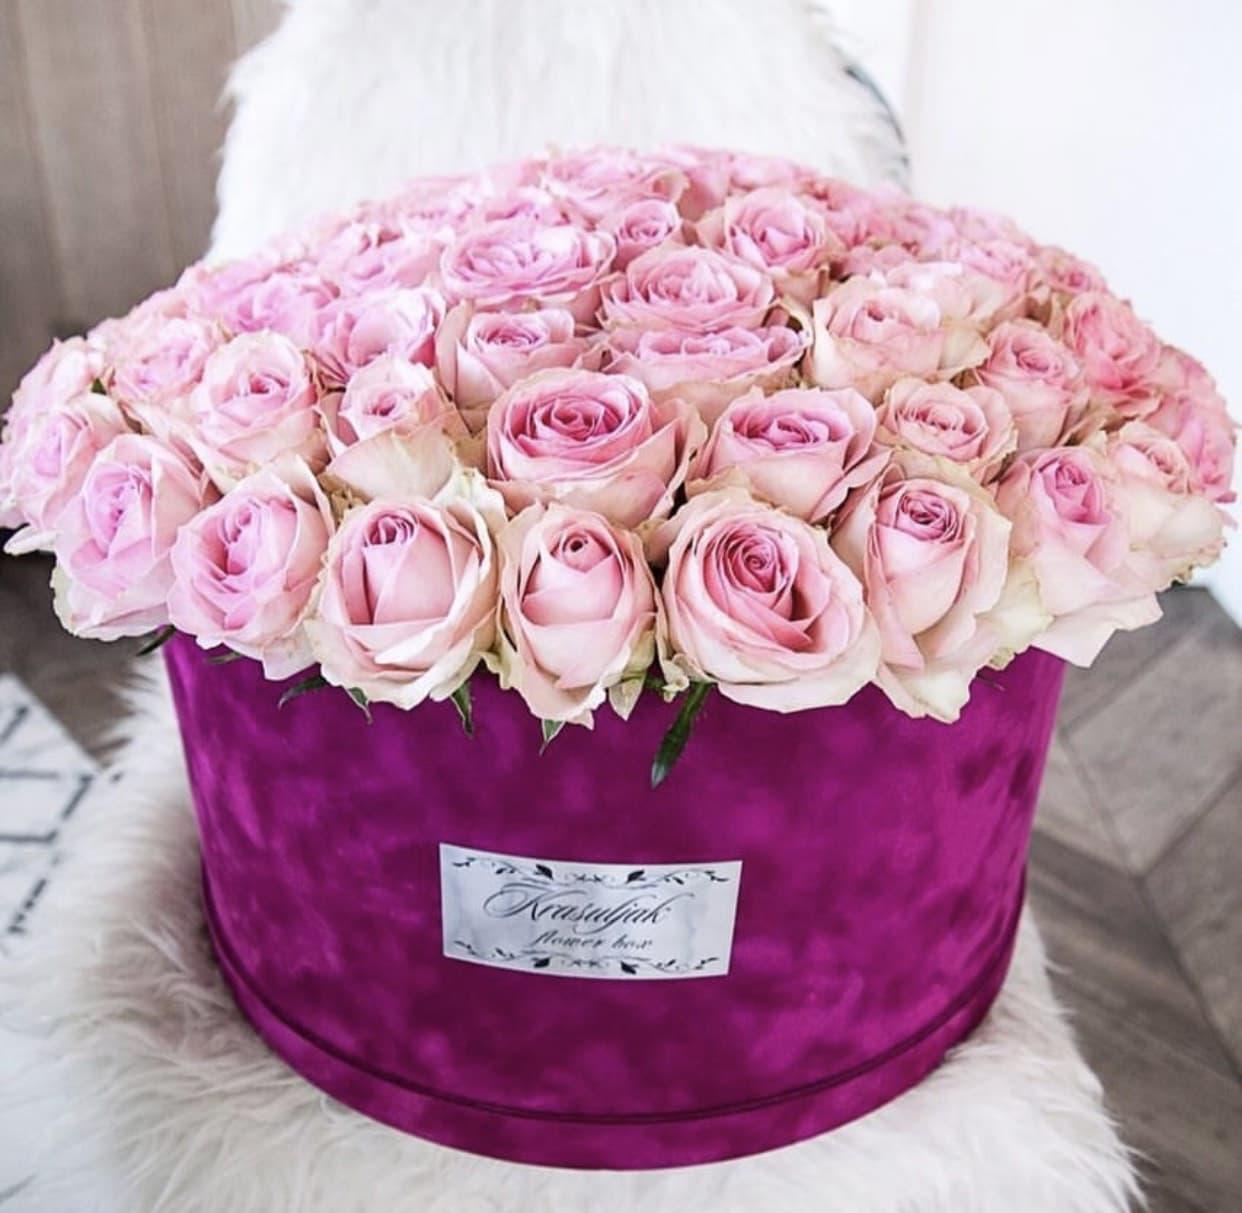 Cvece - Plisana ljubicasta kutija sa nezno rozim ruzama